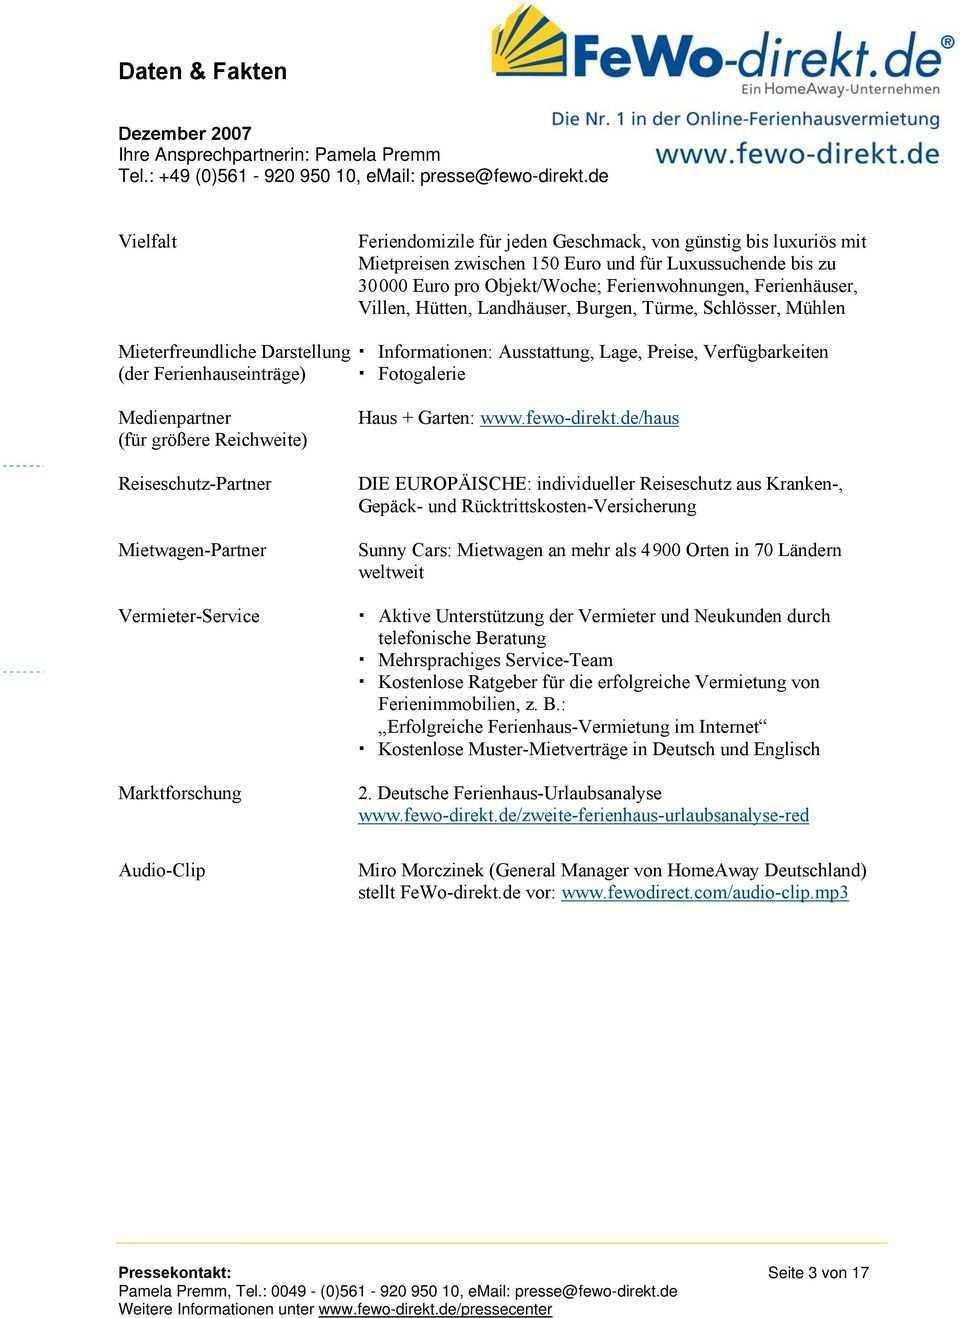 Inhaltsverzeichnis Pressemappe Pdf Free Download